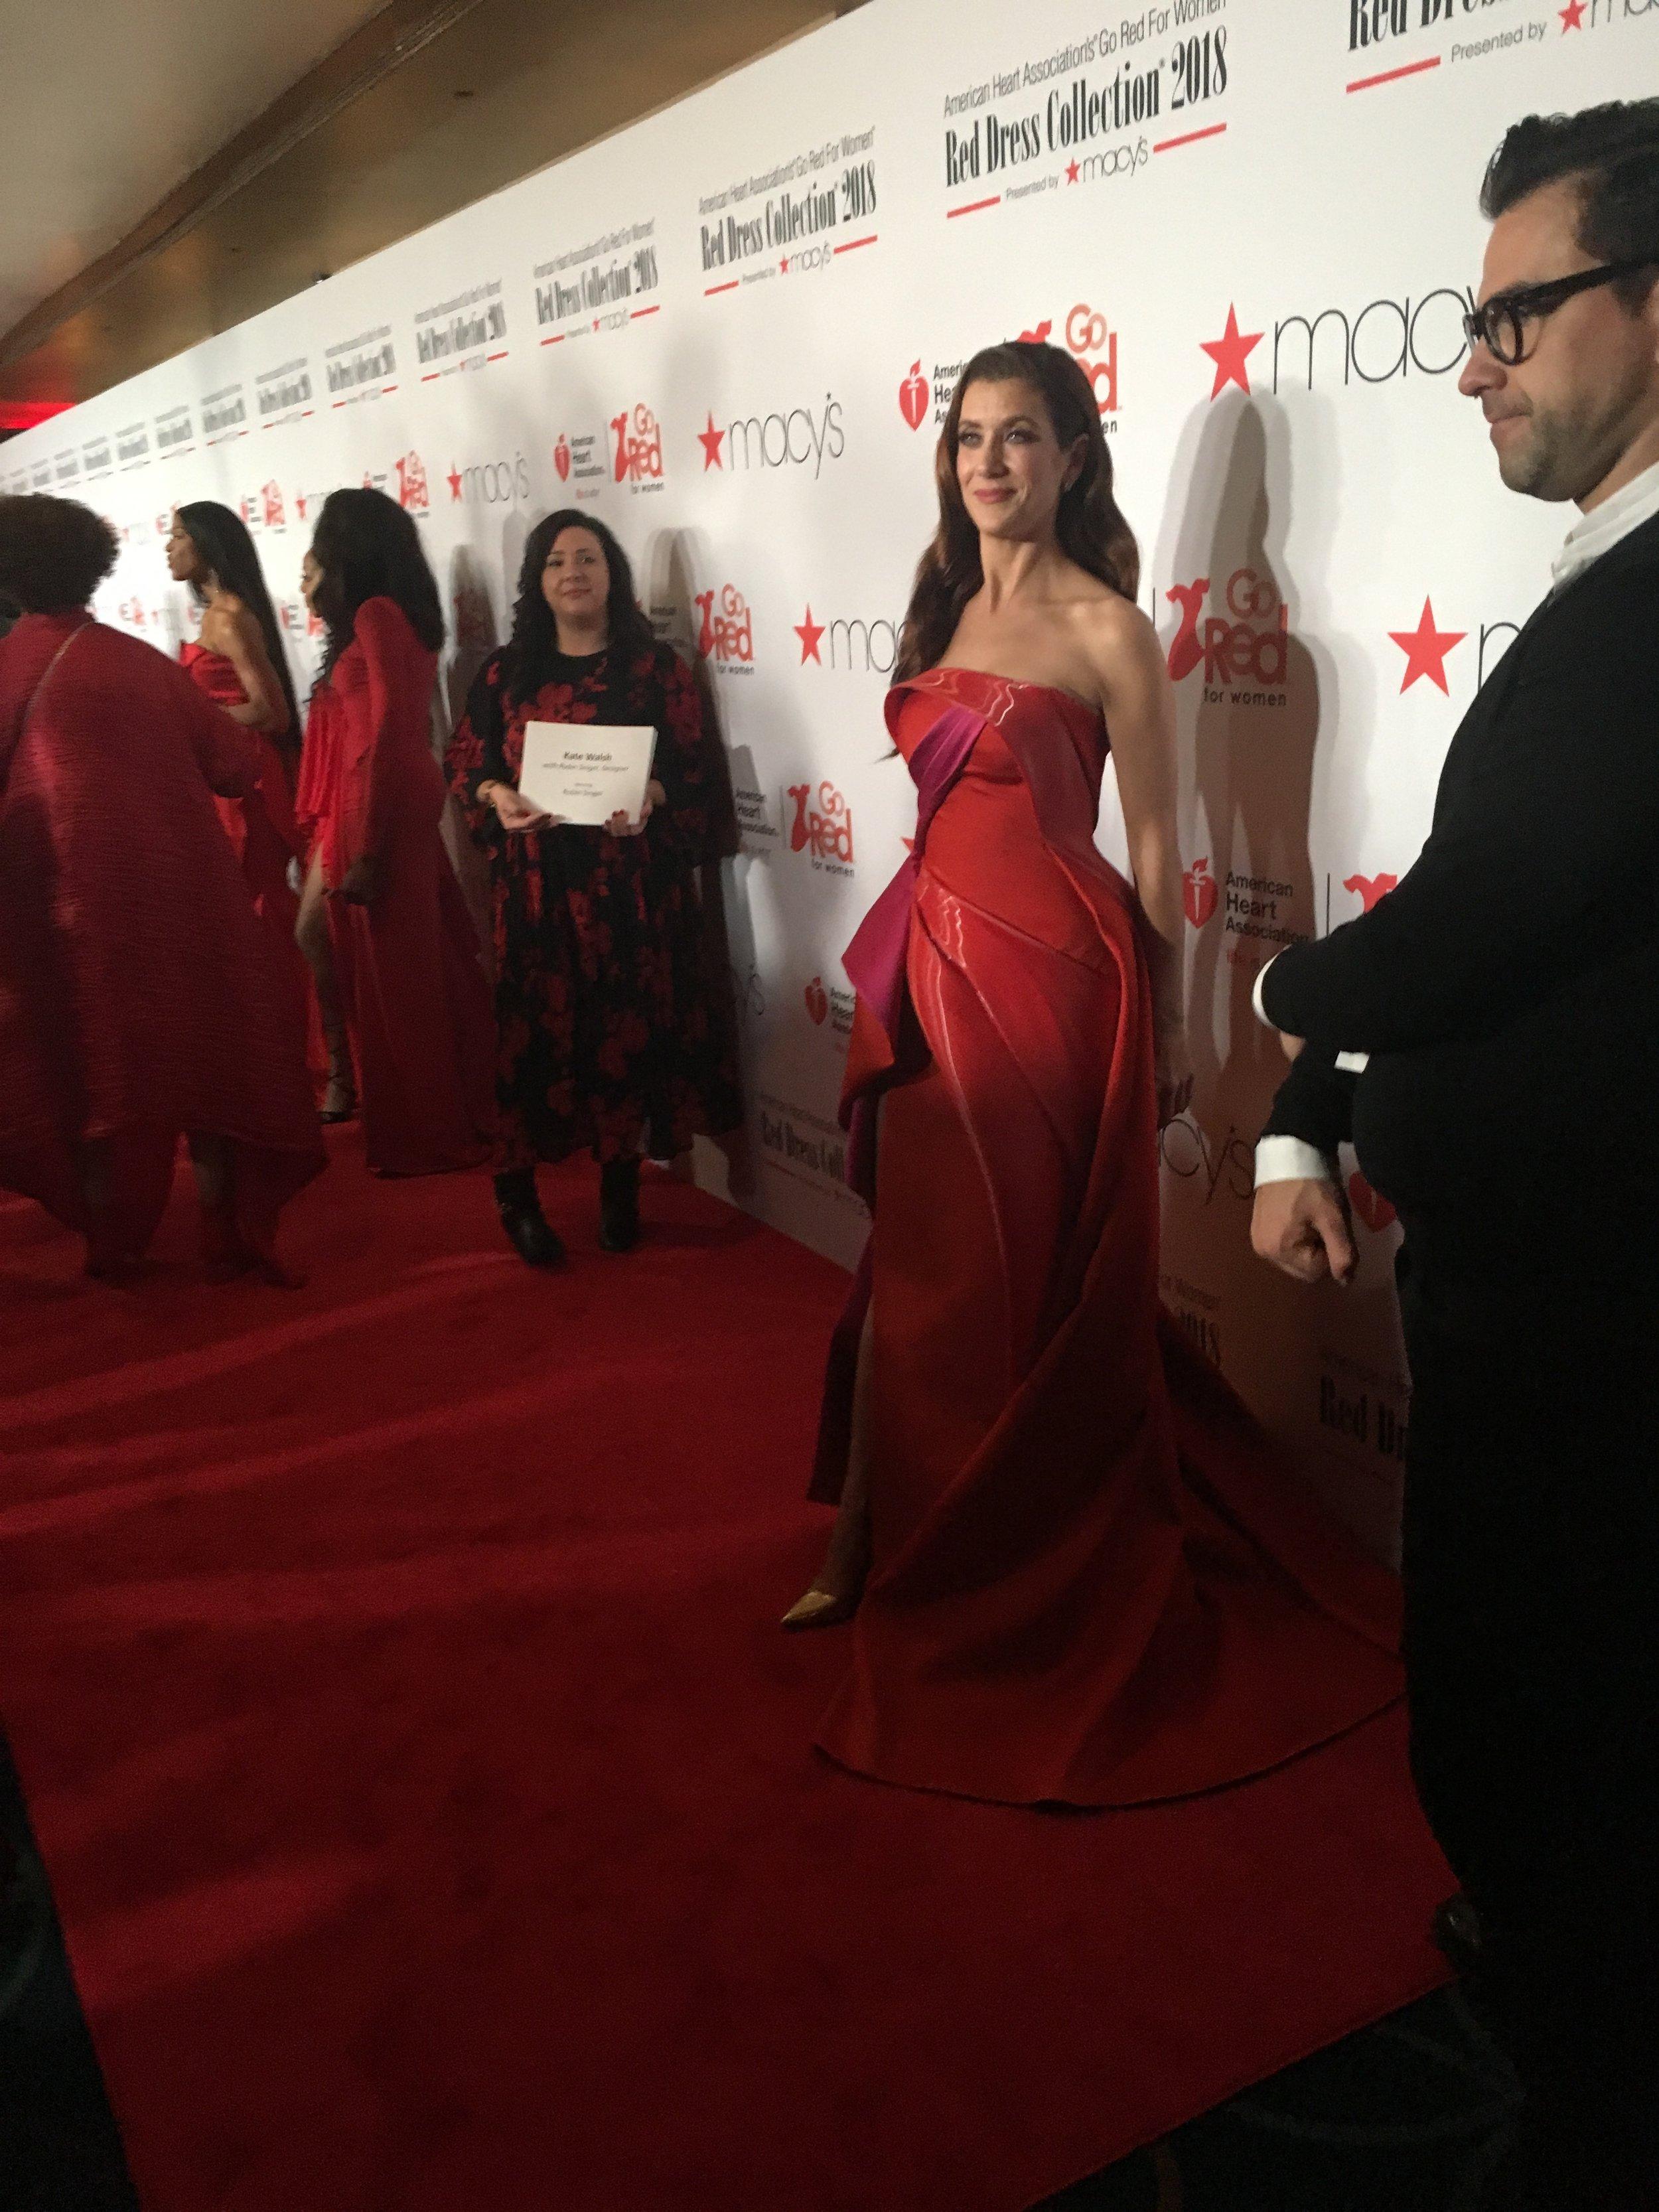 Kate Walsh on red carpet.JPG